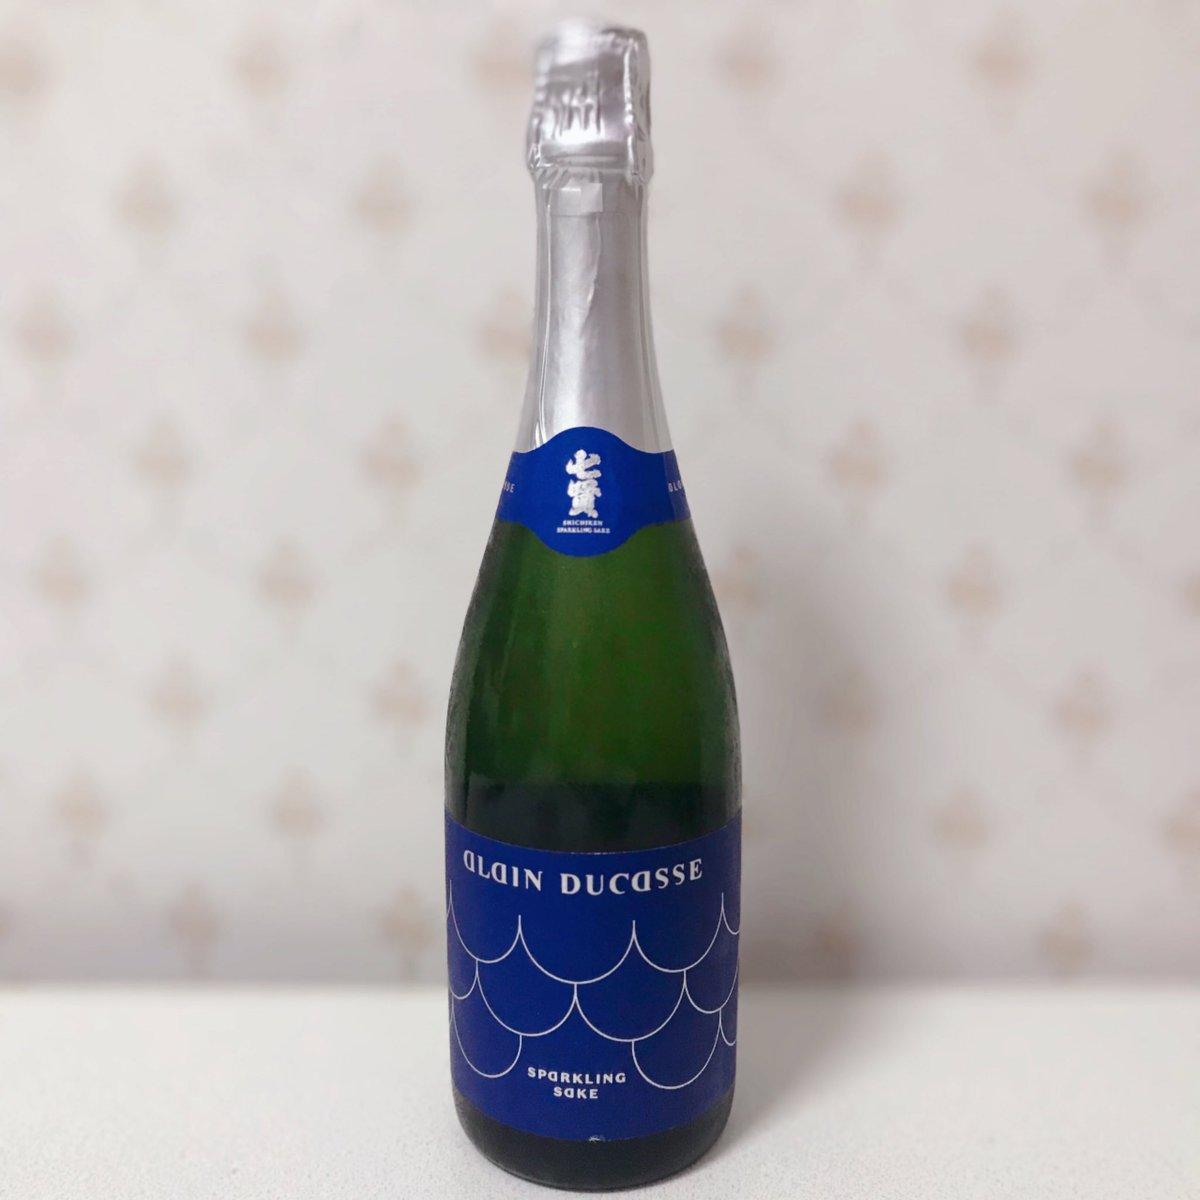 test ツイッターメディア - 今夜はこれ!『七賢アラン・デュカス スパークリング サケ』 山梨銘醸さん。 以前、橘ケンチさんが紹介されていた日本酒。 なんだこれ!めっちゃ美味しい!少し離れそうになっていた日本酒飲みたい欲が復活した!! https://t.co/XIMNl2afmC